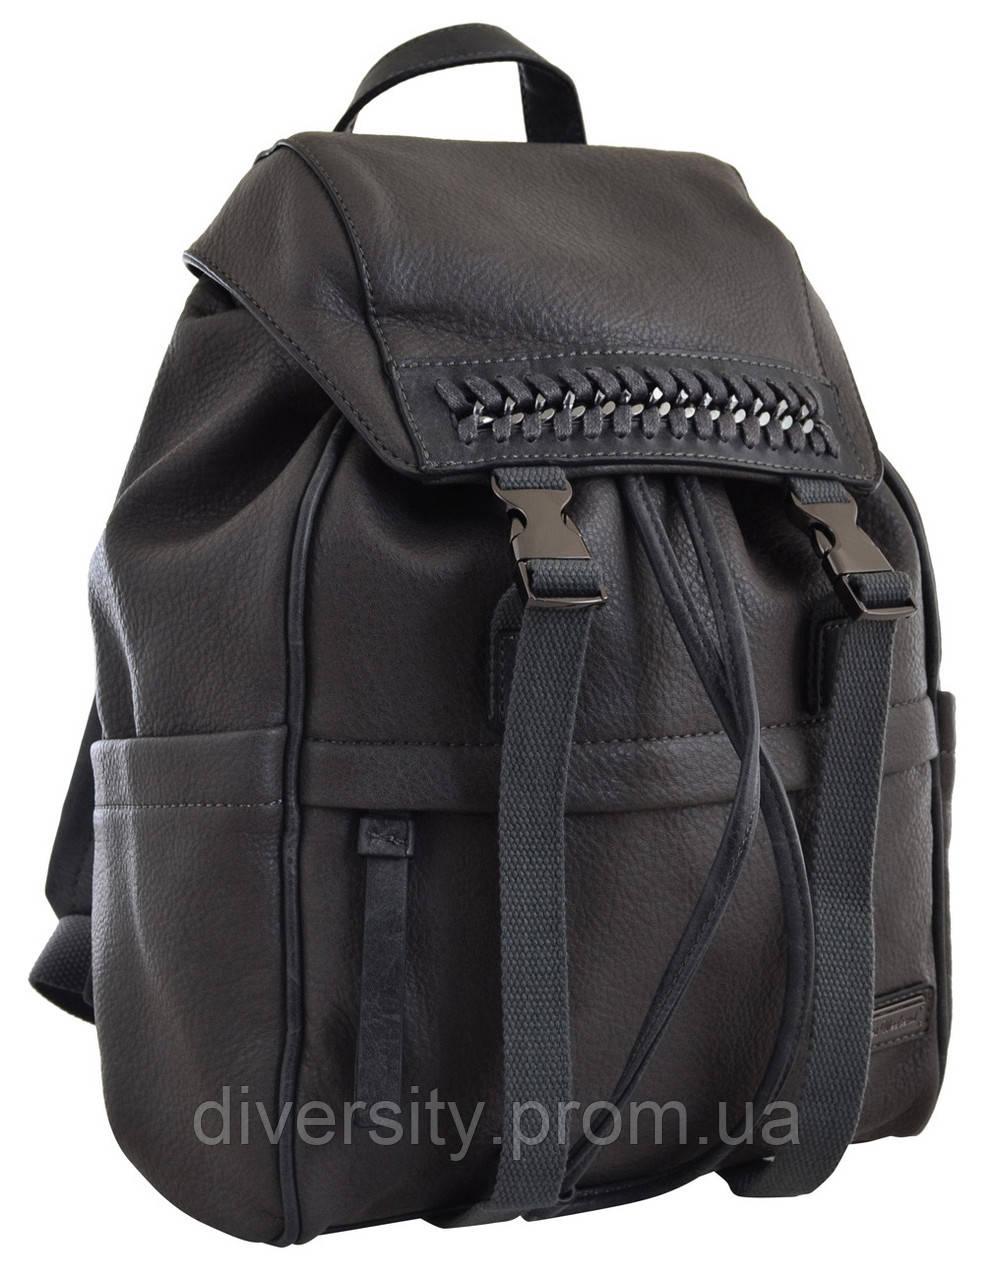 Женский рюкзак YES YW-12,  серый